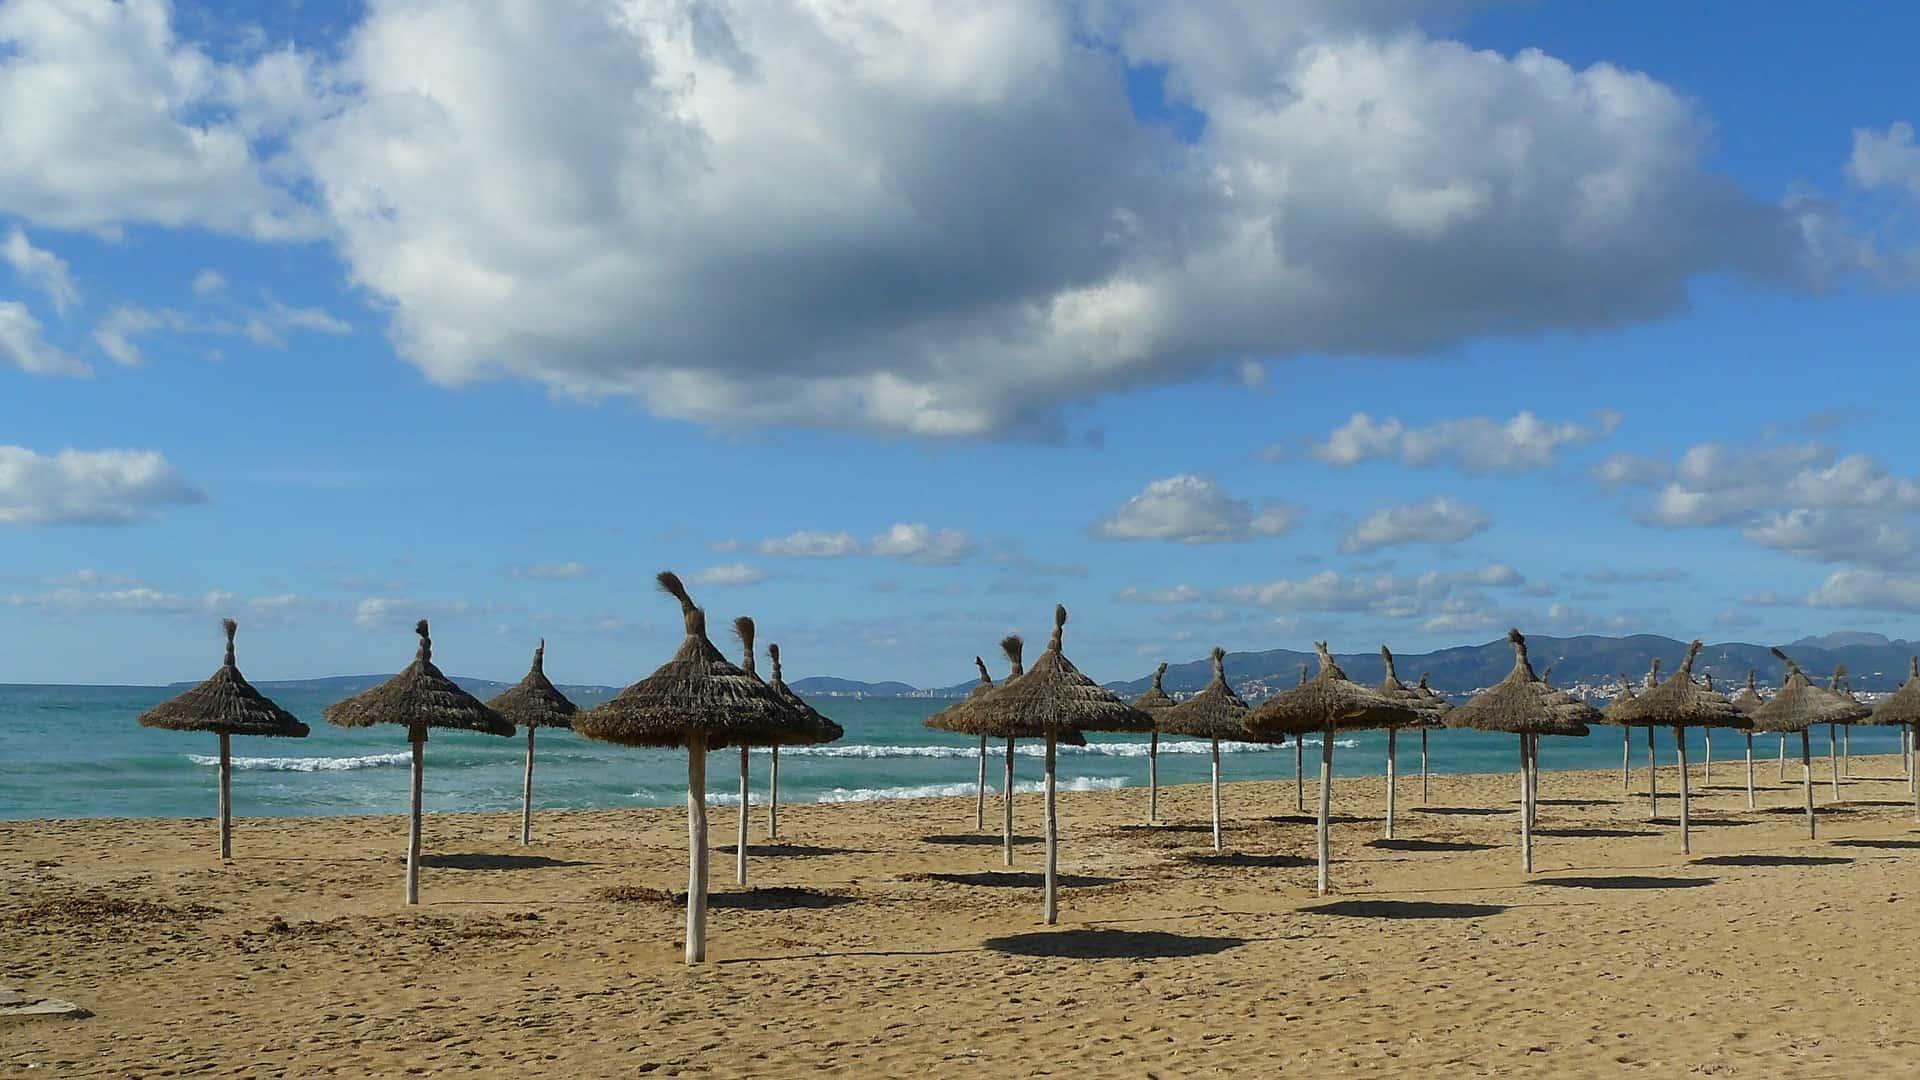 El Arenal Urlaub am Playa de Palma für den perfekten Standort auf der Insel